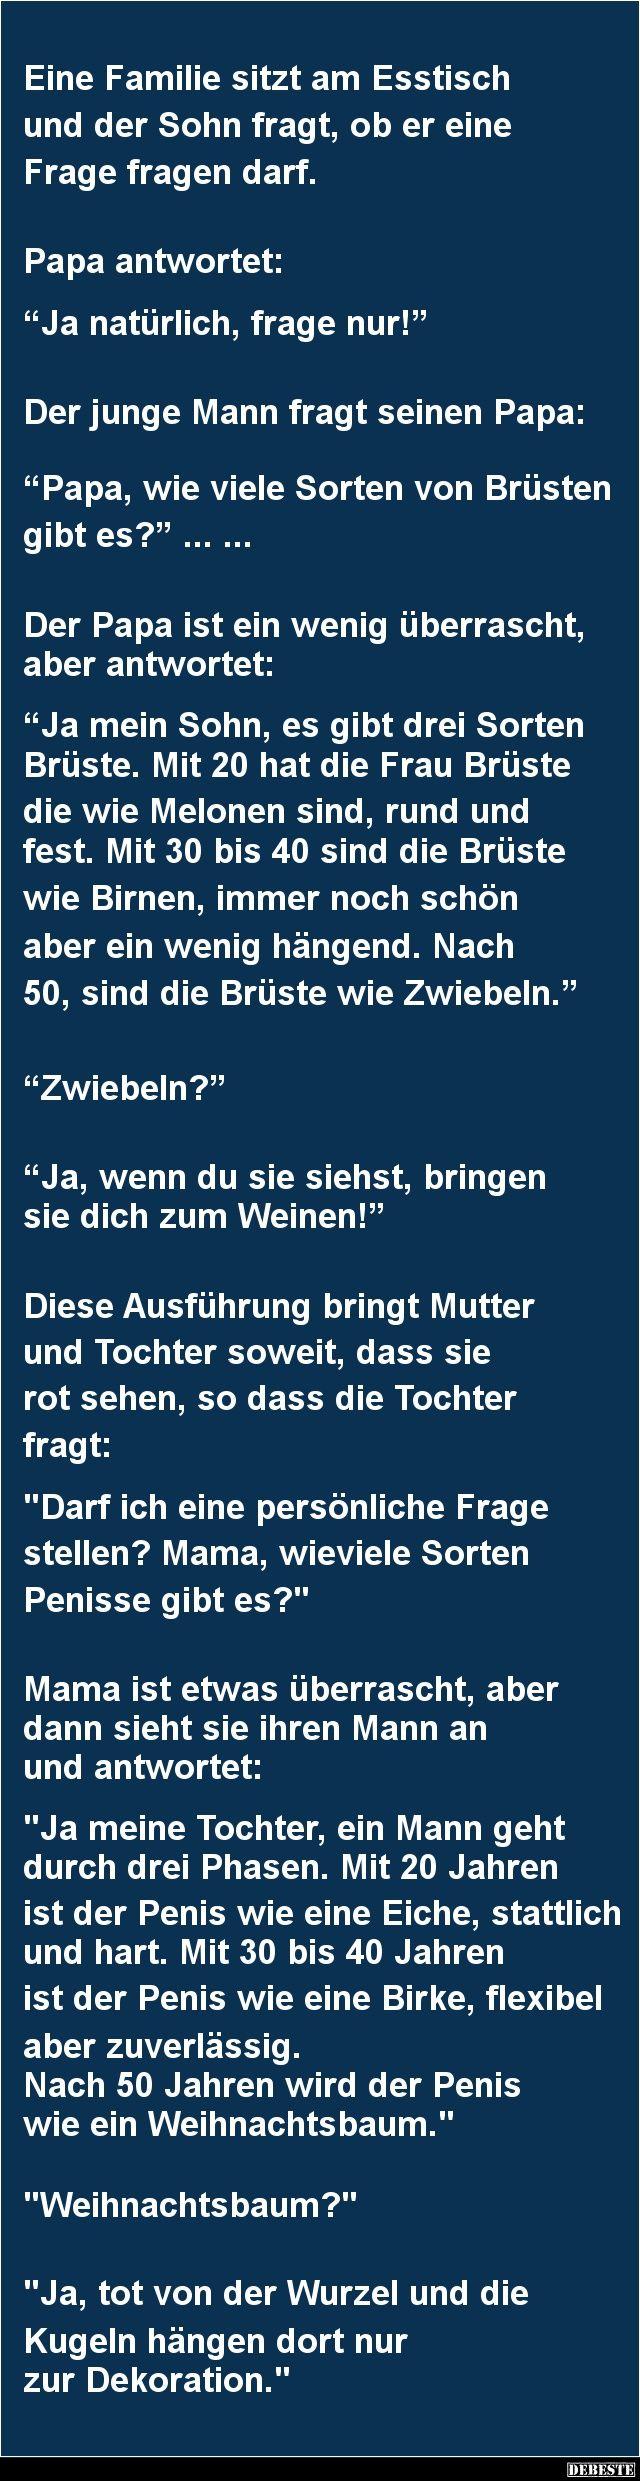 Eine Familie sitzt am Esstisch und der Sohn fragt.. | DEBESTE.de, Lustige Bilder, Sprüche, Witze und Videos